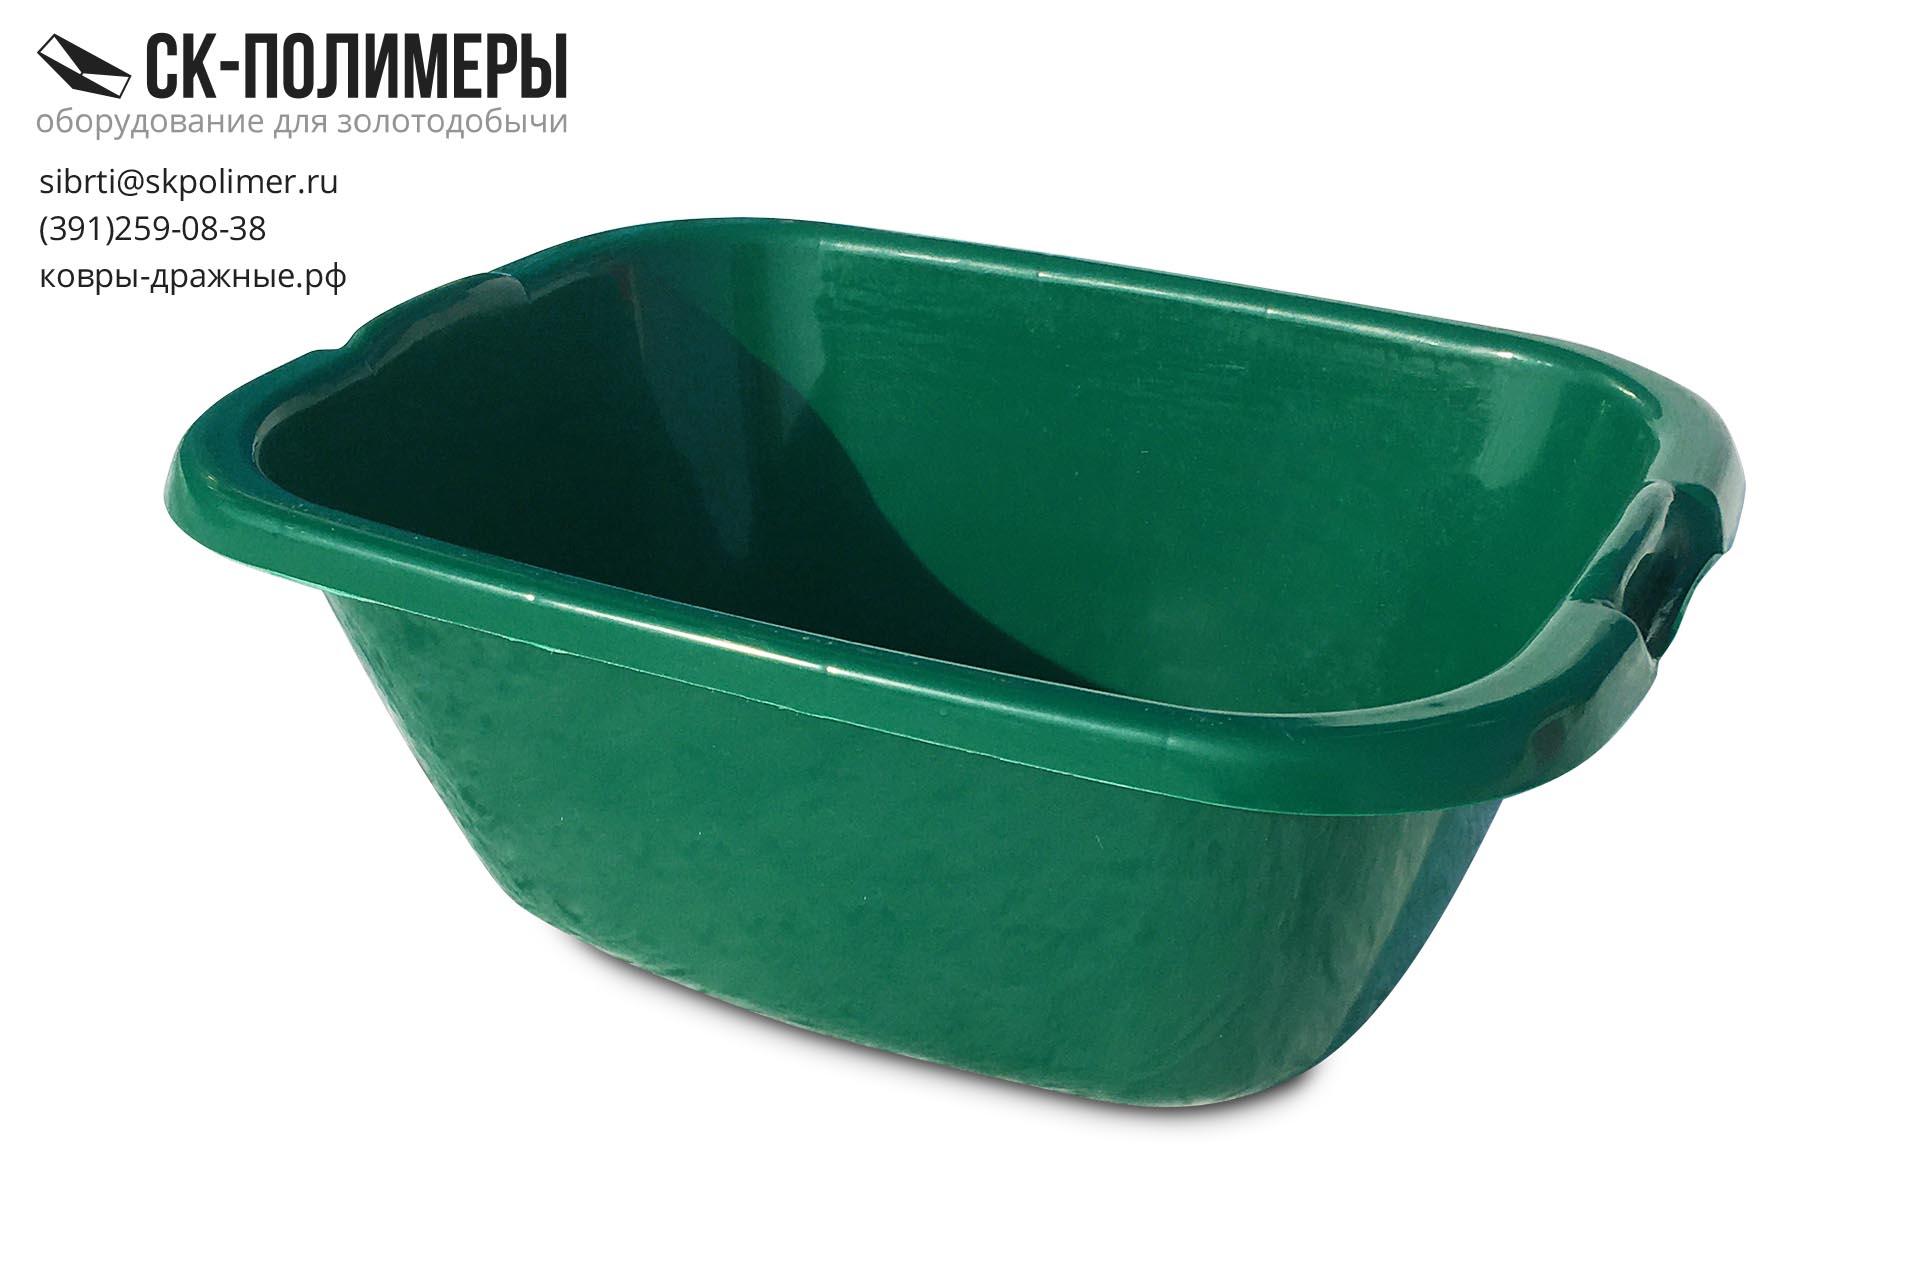 Тазик из пластмассы зеленый